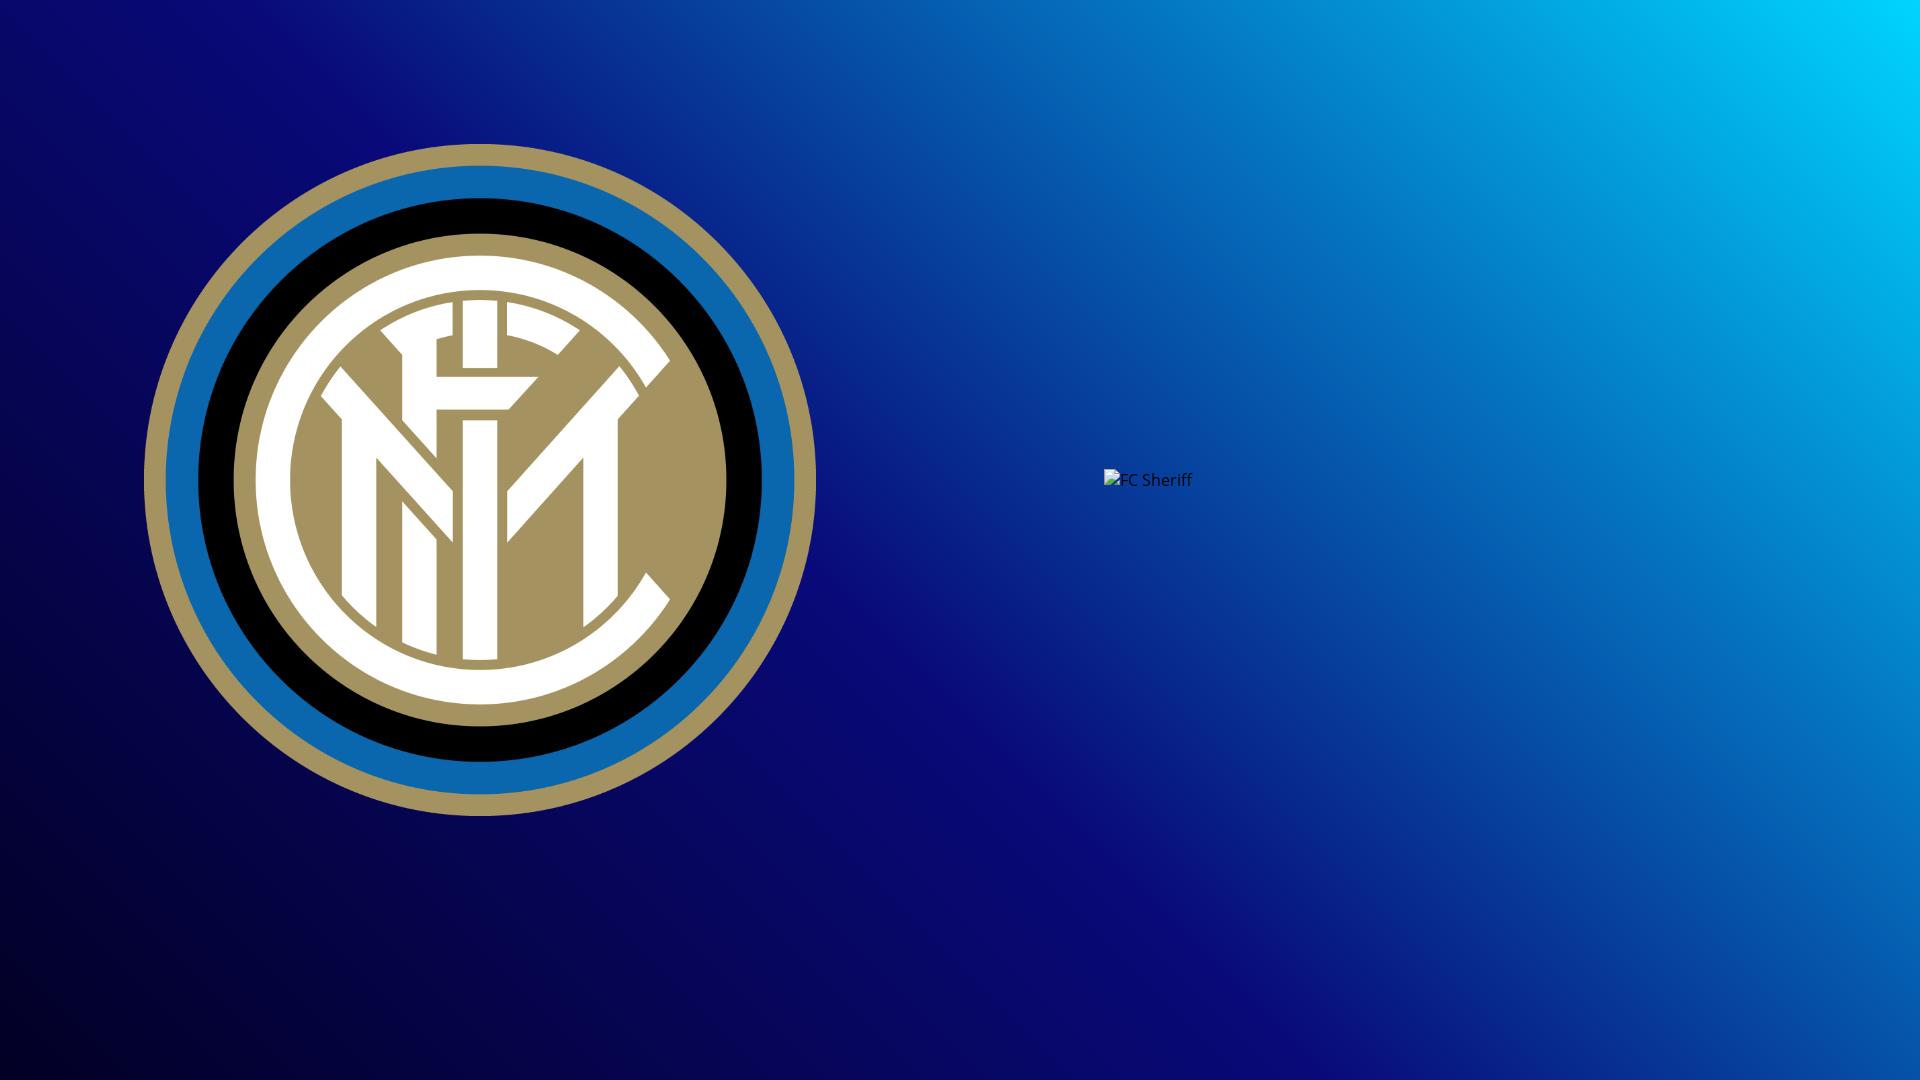 Inter Mailand - Sheriff Tiraspol 19.10.2021 um 21:00 Uhr auf DAZN